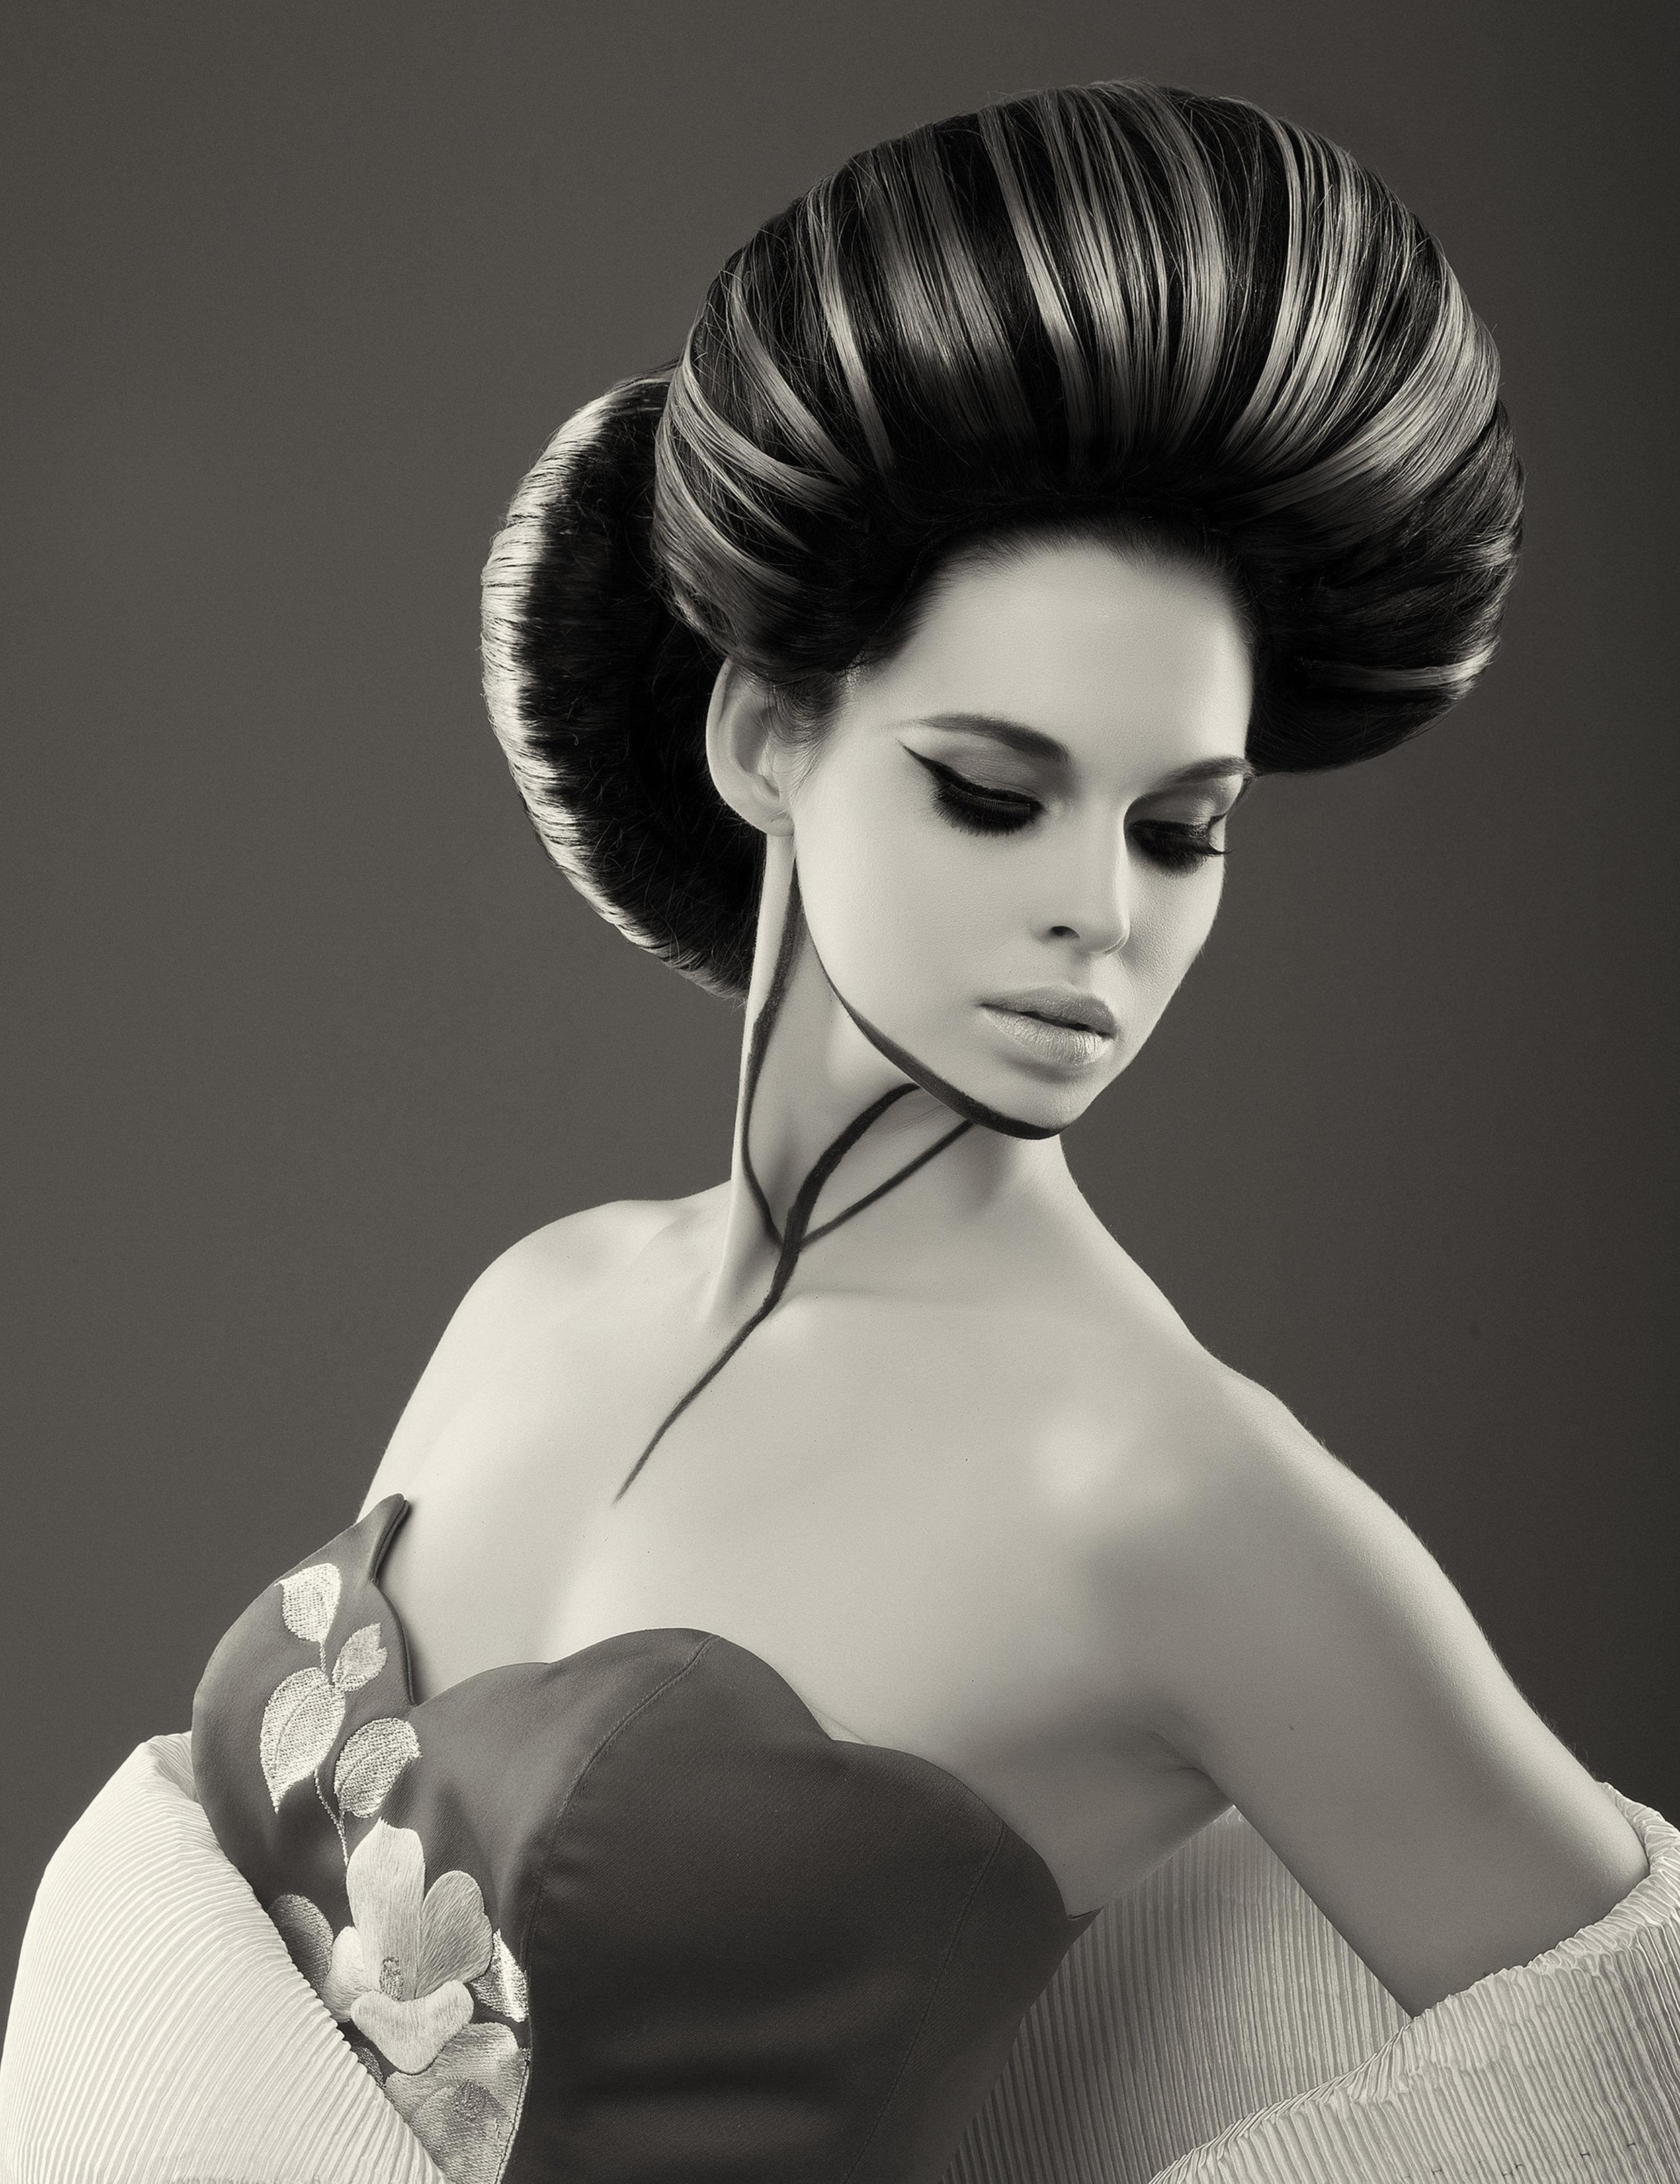 Hair by Fredy Arboleda